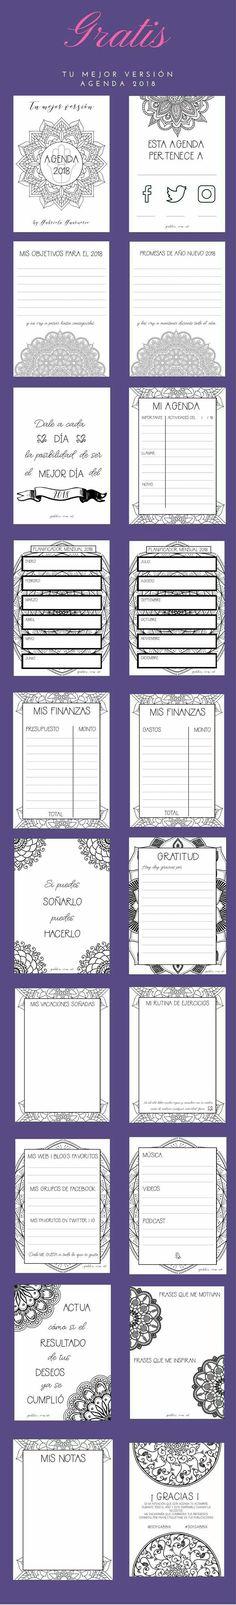 Planea tus objetivos financieros y vive tu mejor versión. Agenda gratis 2018 con mandalas para colorear . Coaching para mujeres que quieren vivir su mejor versión